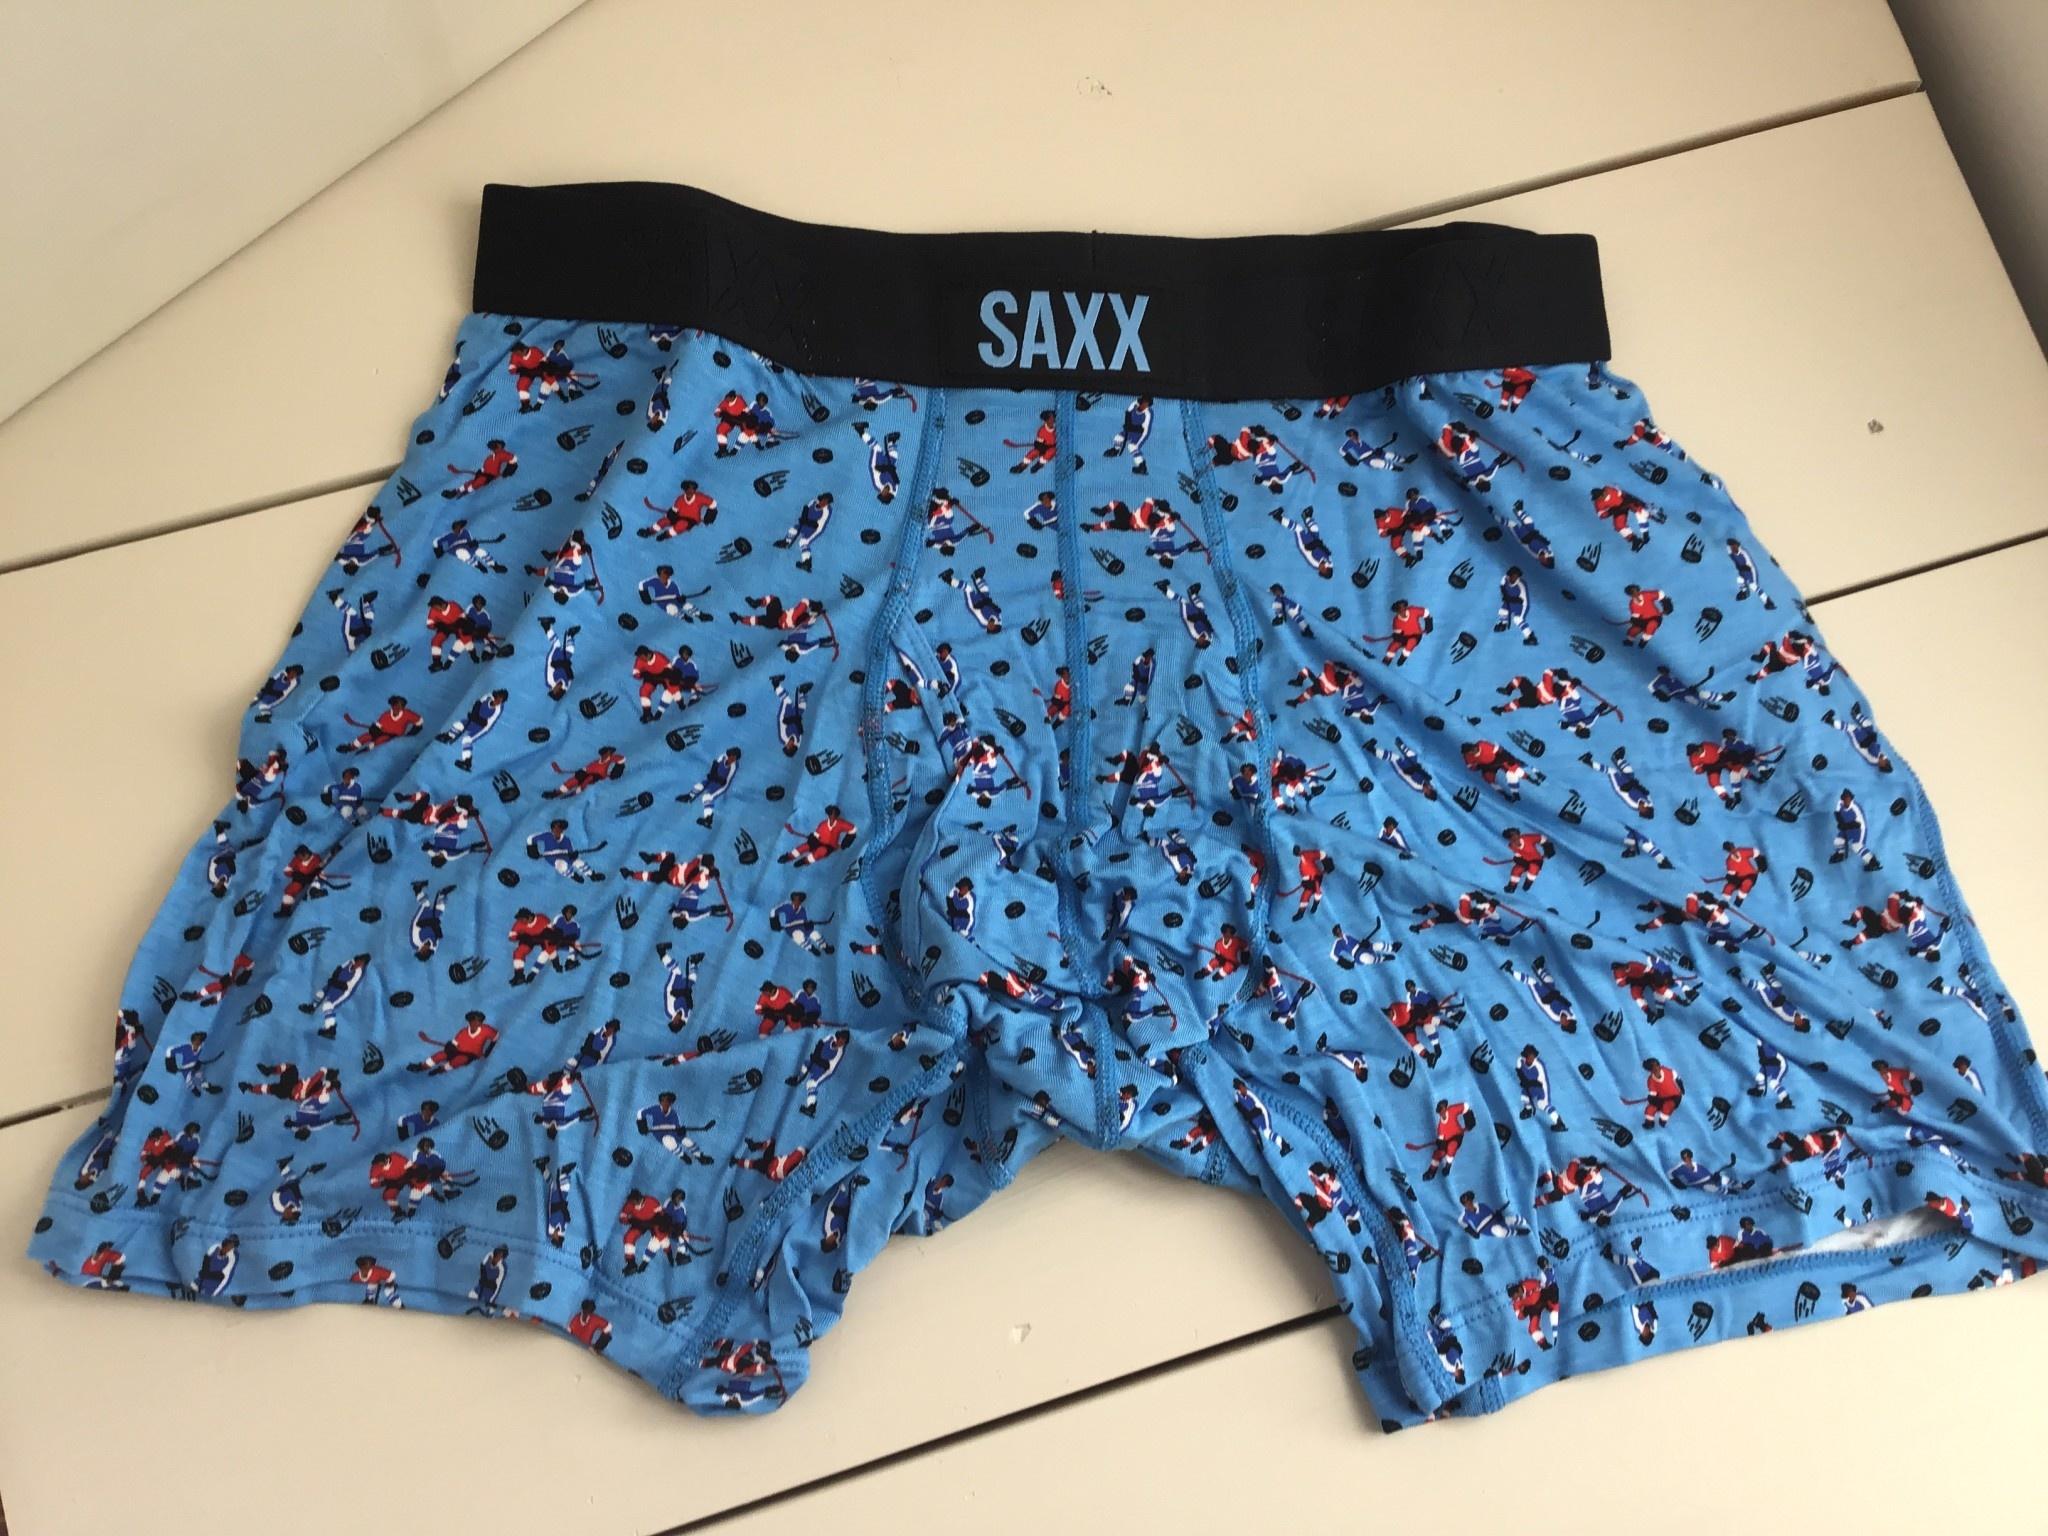 SAXX SAXX ULTRA BOXER BRIEF FLY